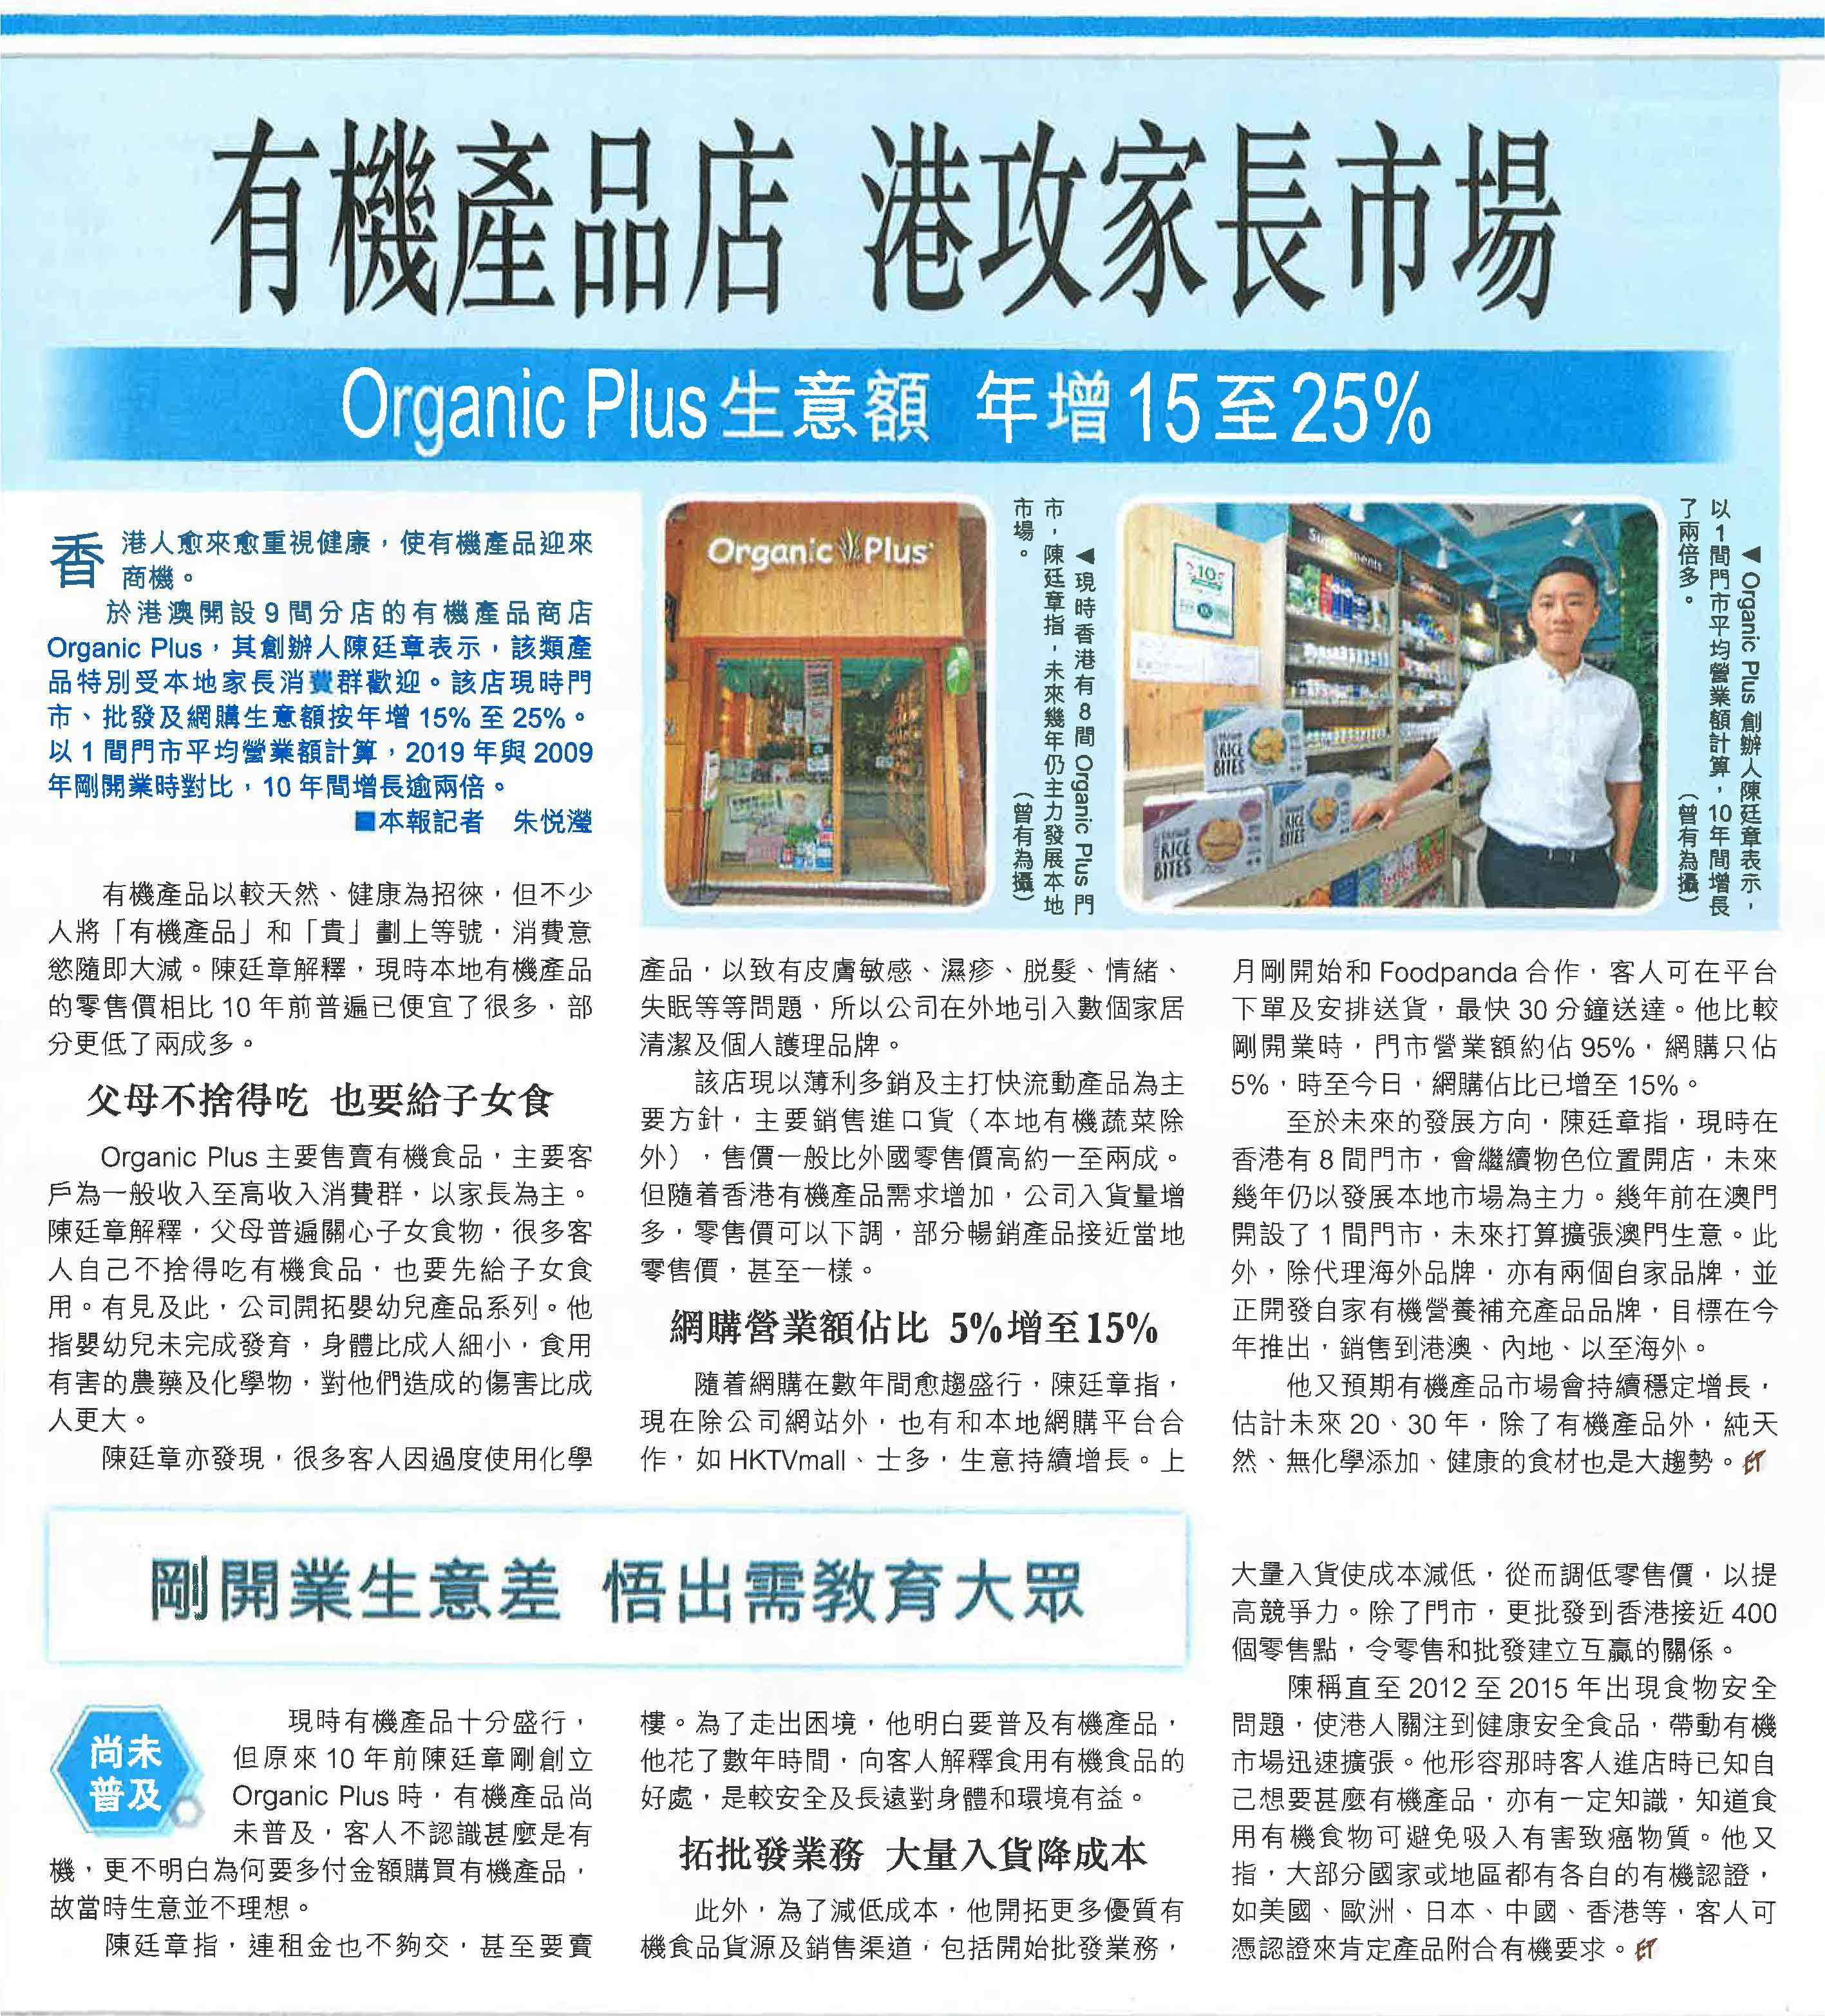 經濟日報 有機食品店 港攻家長市場 2019-06-03